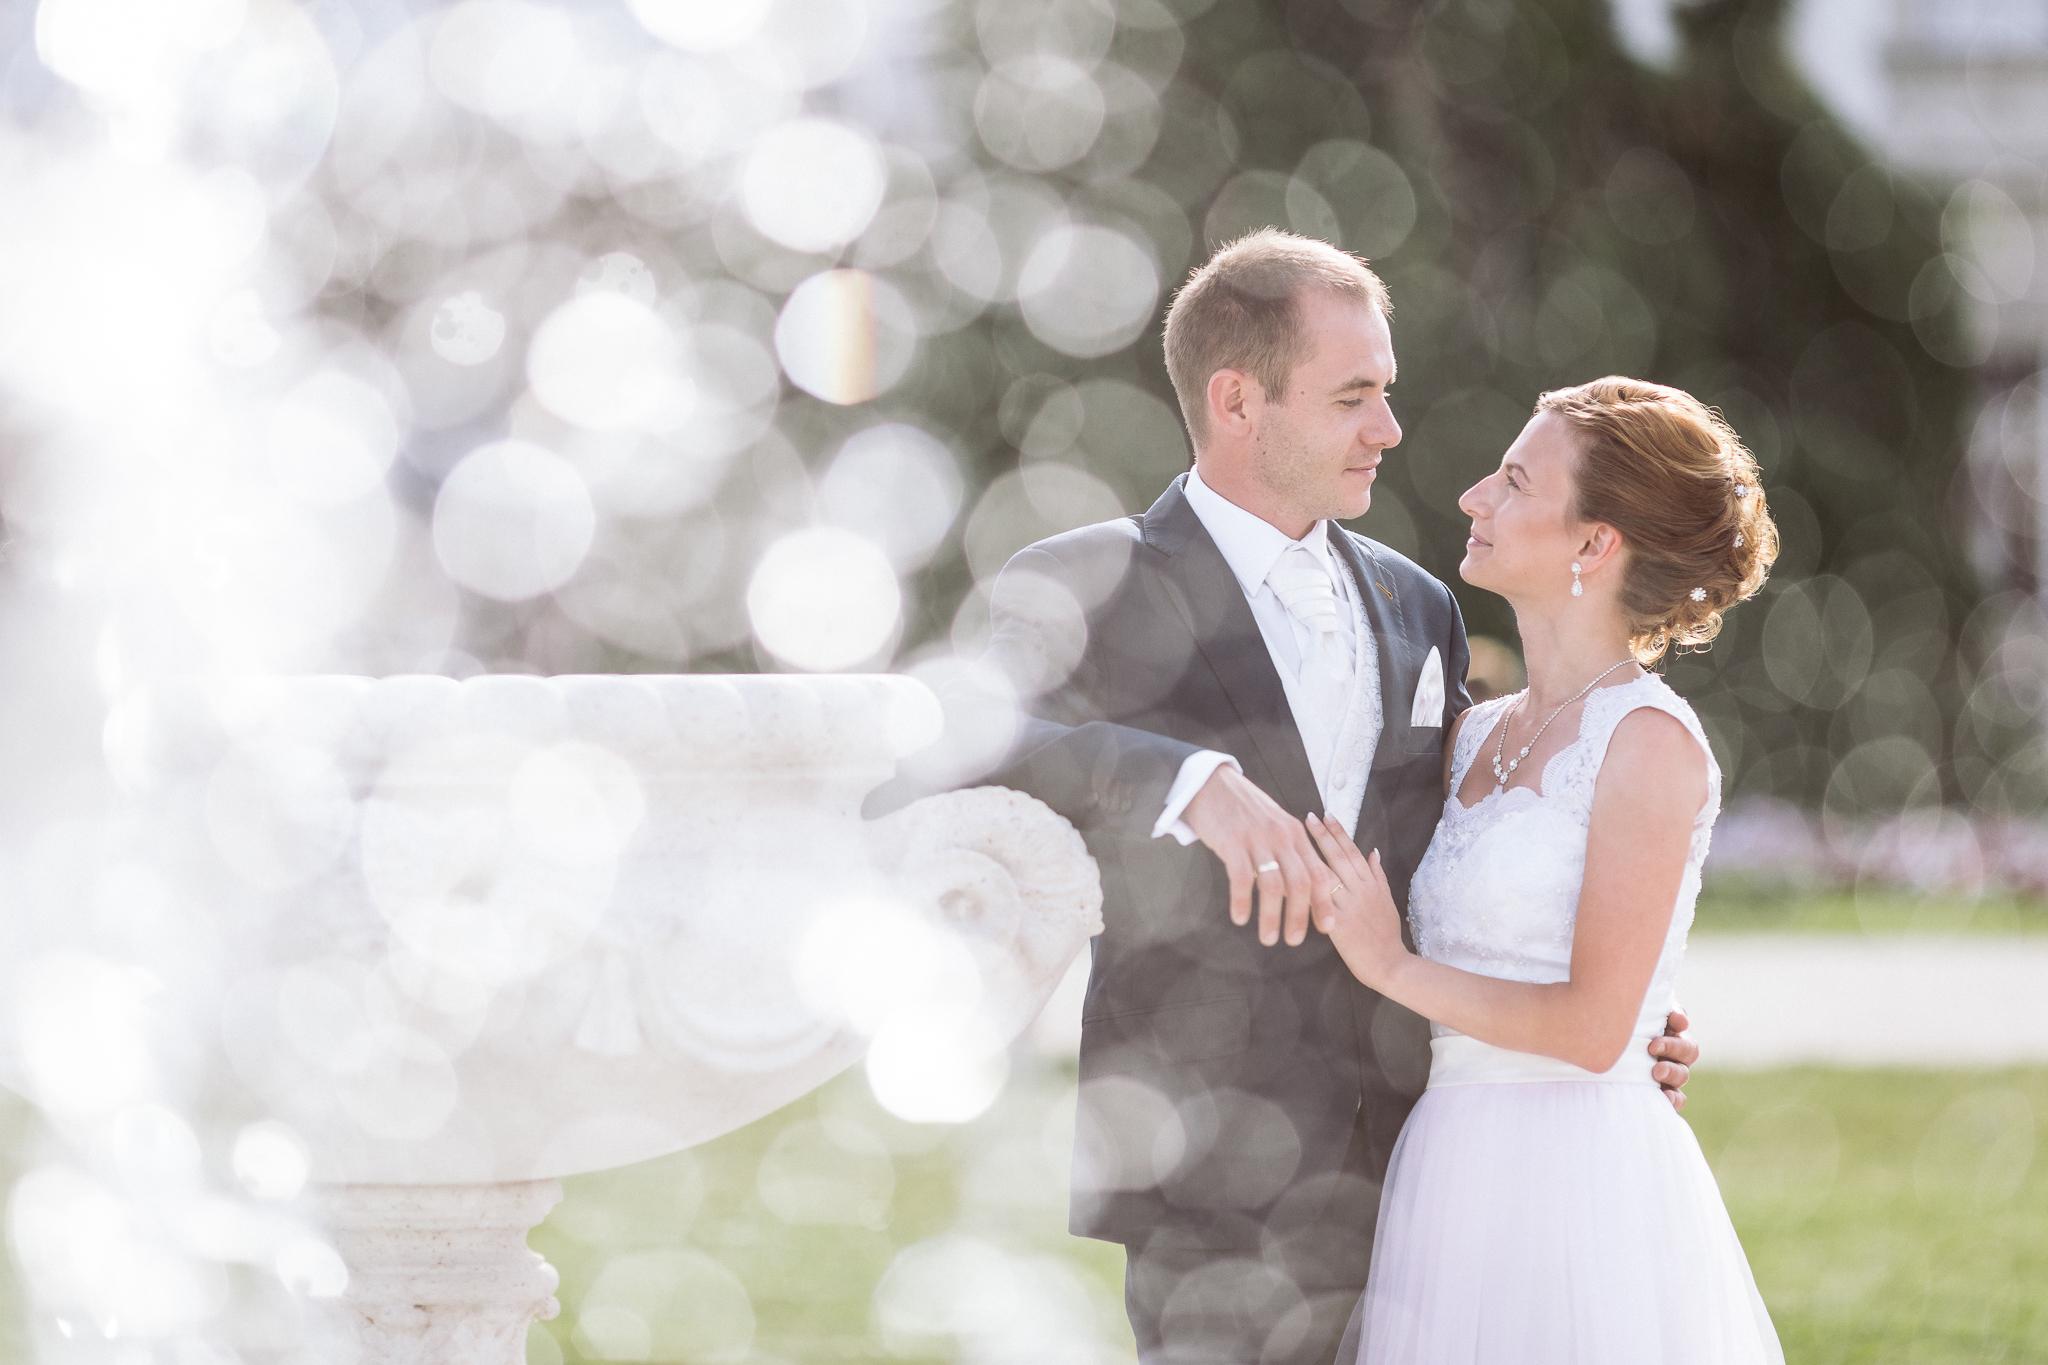 FylepPhoto, esküvőfotós, esküvői fotós Körmend, Szombathely, esküvőfotózás, magyarország, vas megye, prémium, jegyesfotózás, Fülöp Péter, körmend, kreatív, fotográfus_28-2.jpg